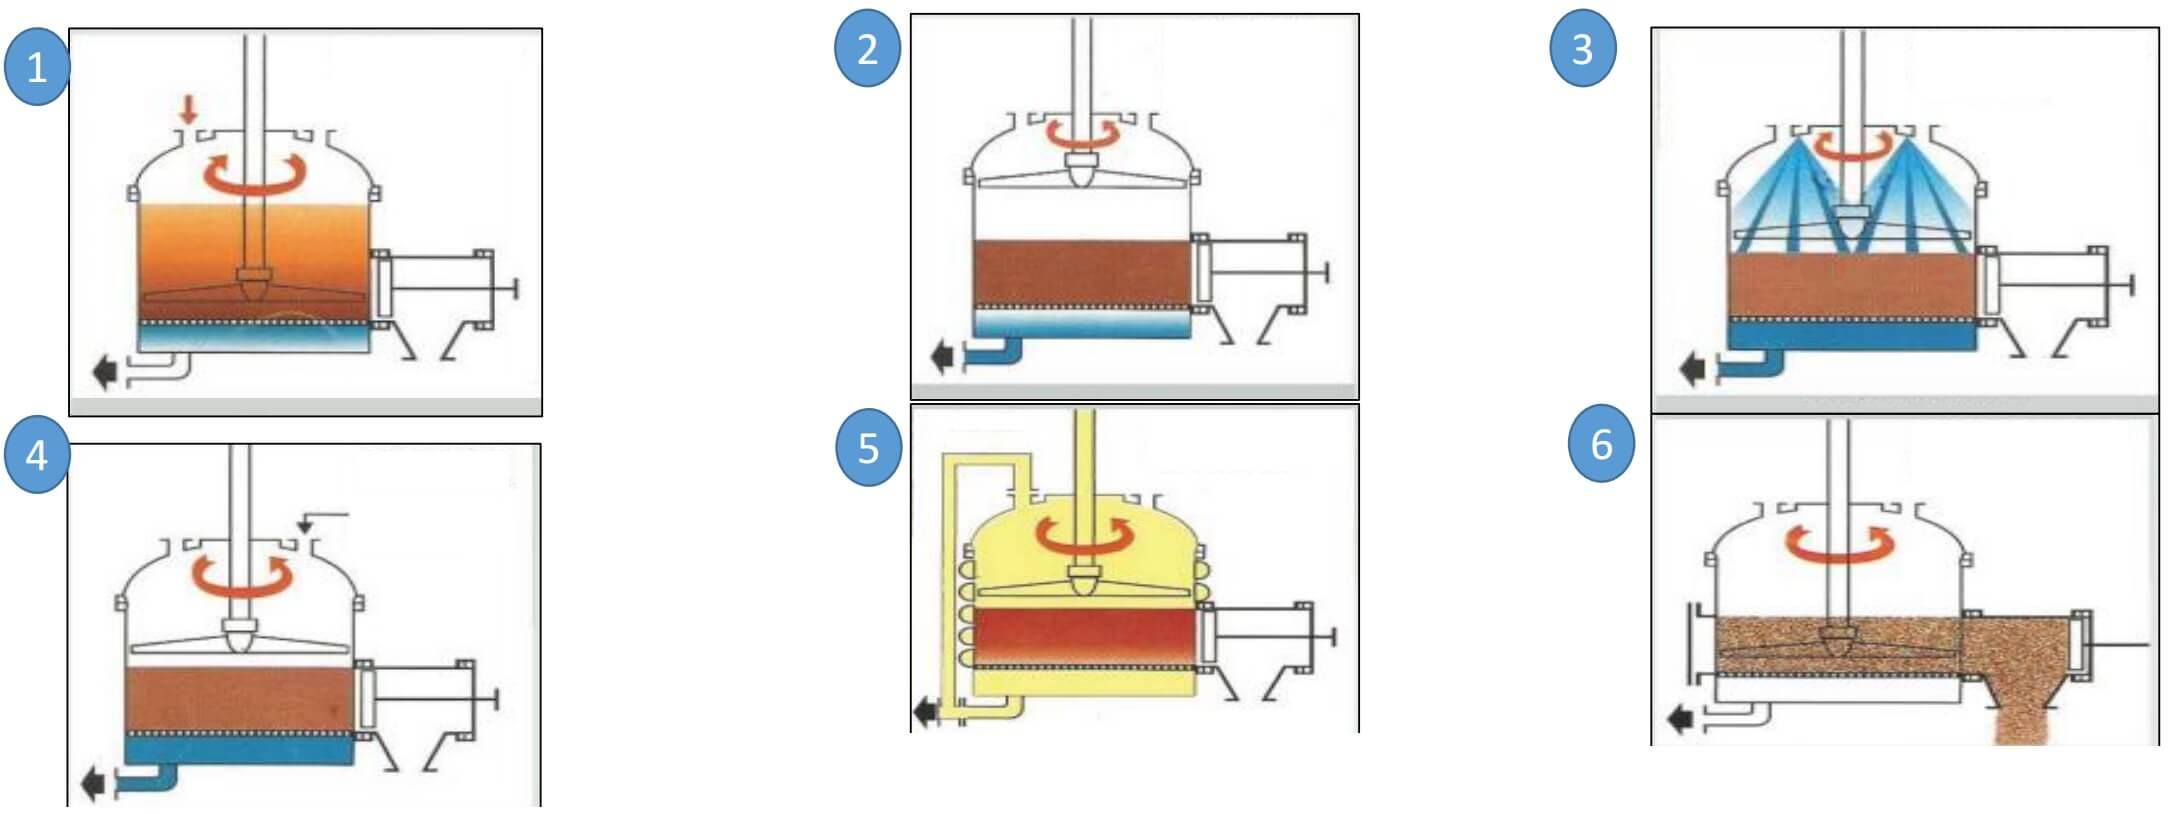 Agitated-Nutsche-Filter-Dryer